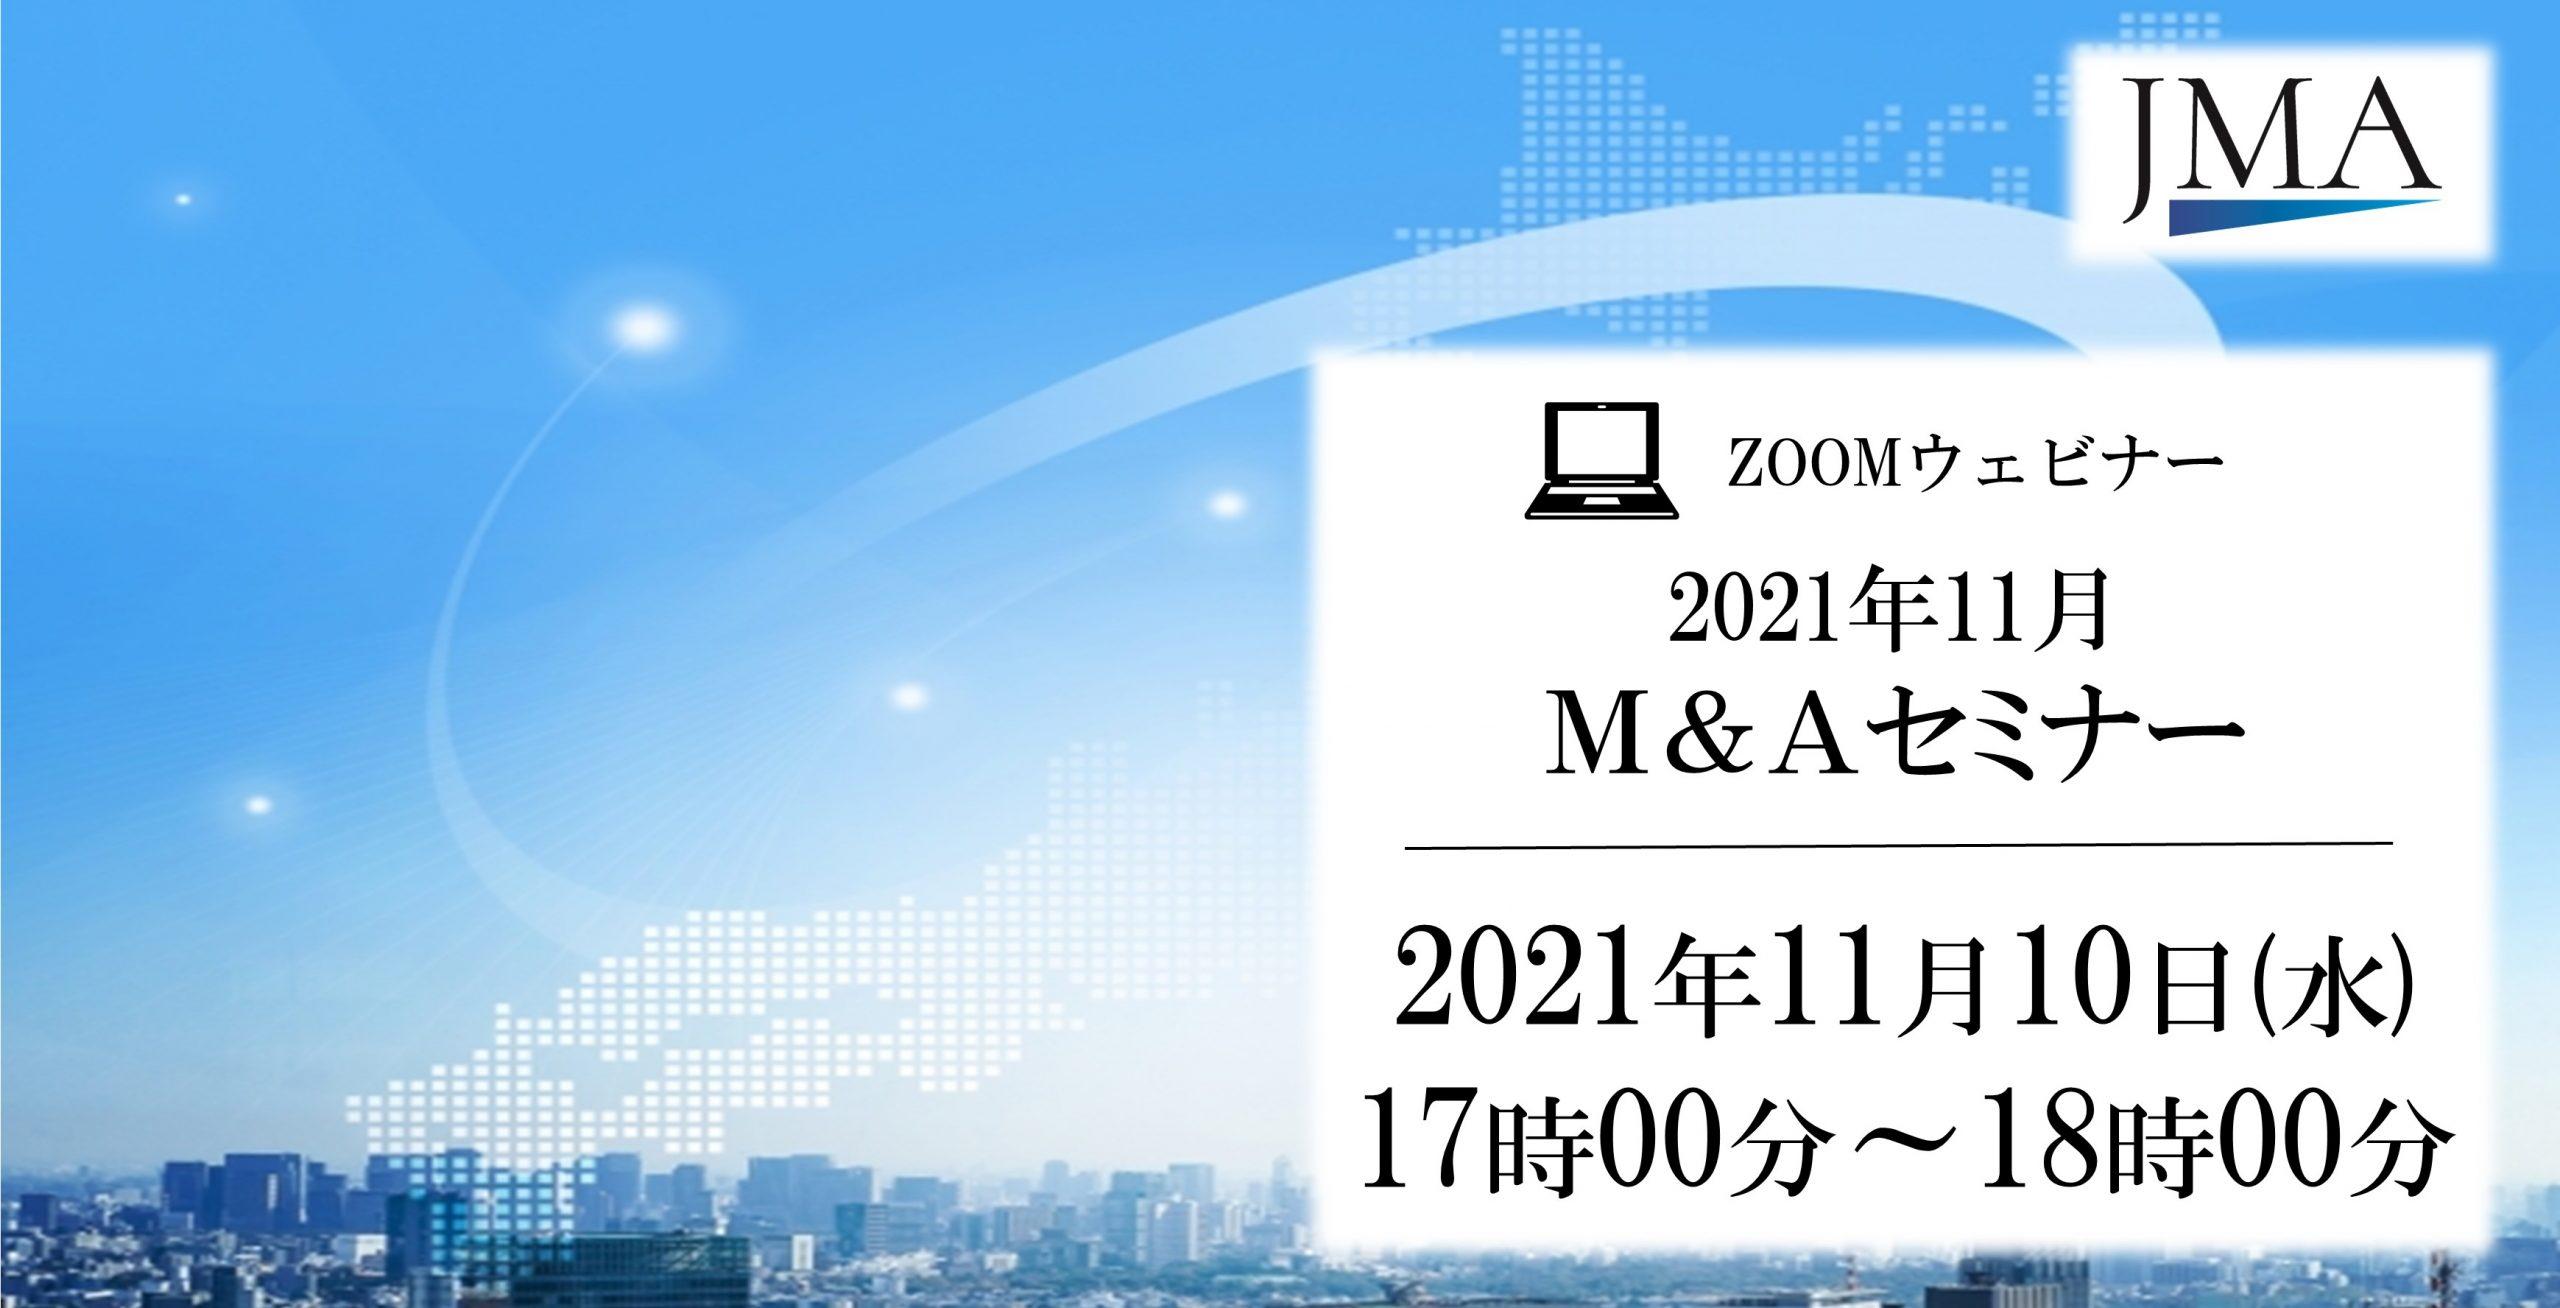 2021年11月 M&Aセミナー「銀行・信用金庫におけるM&A業務のポイント」